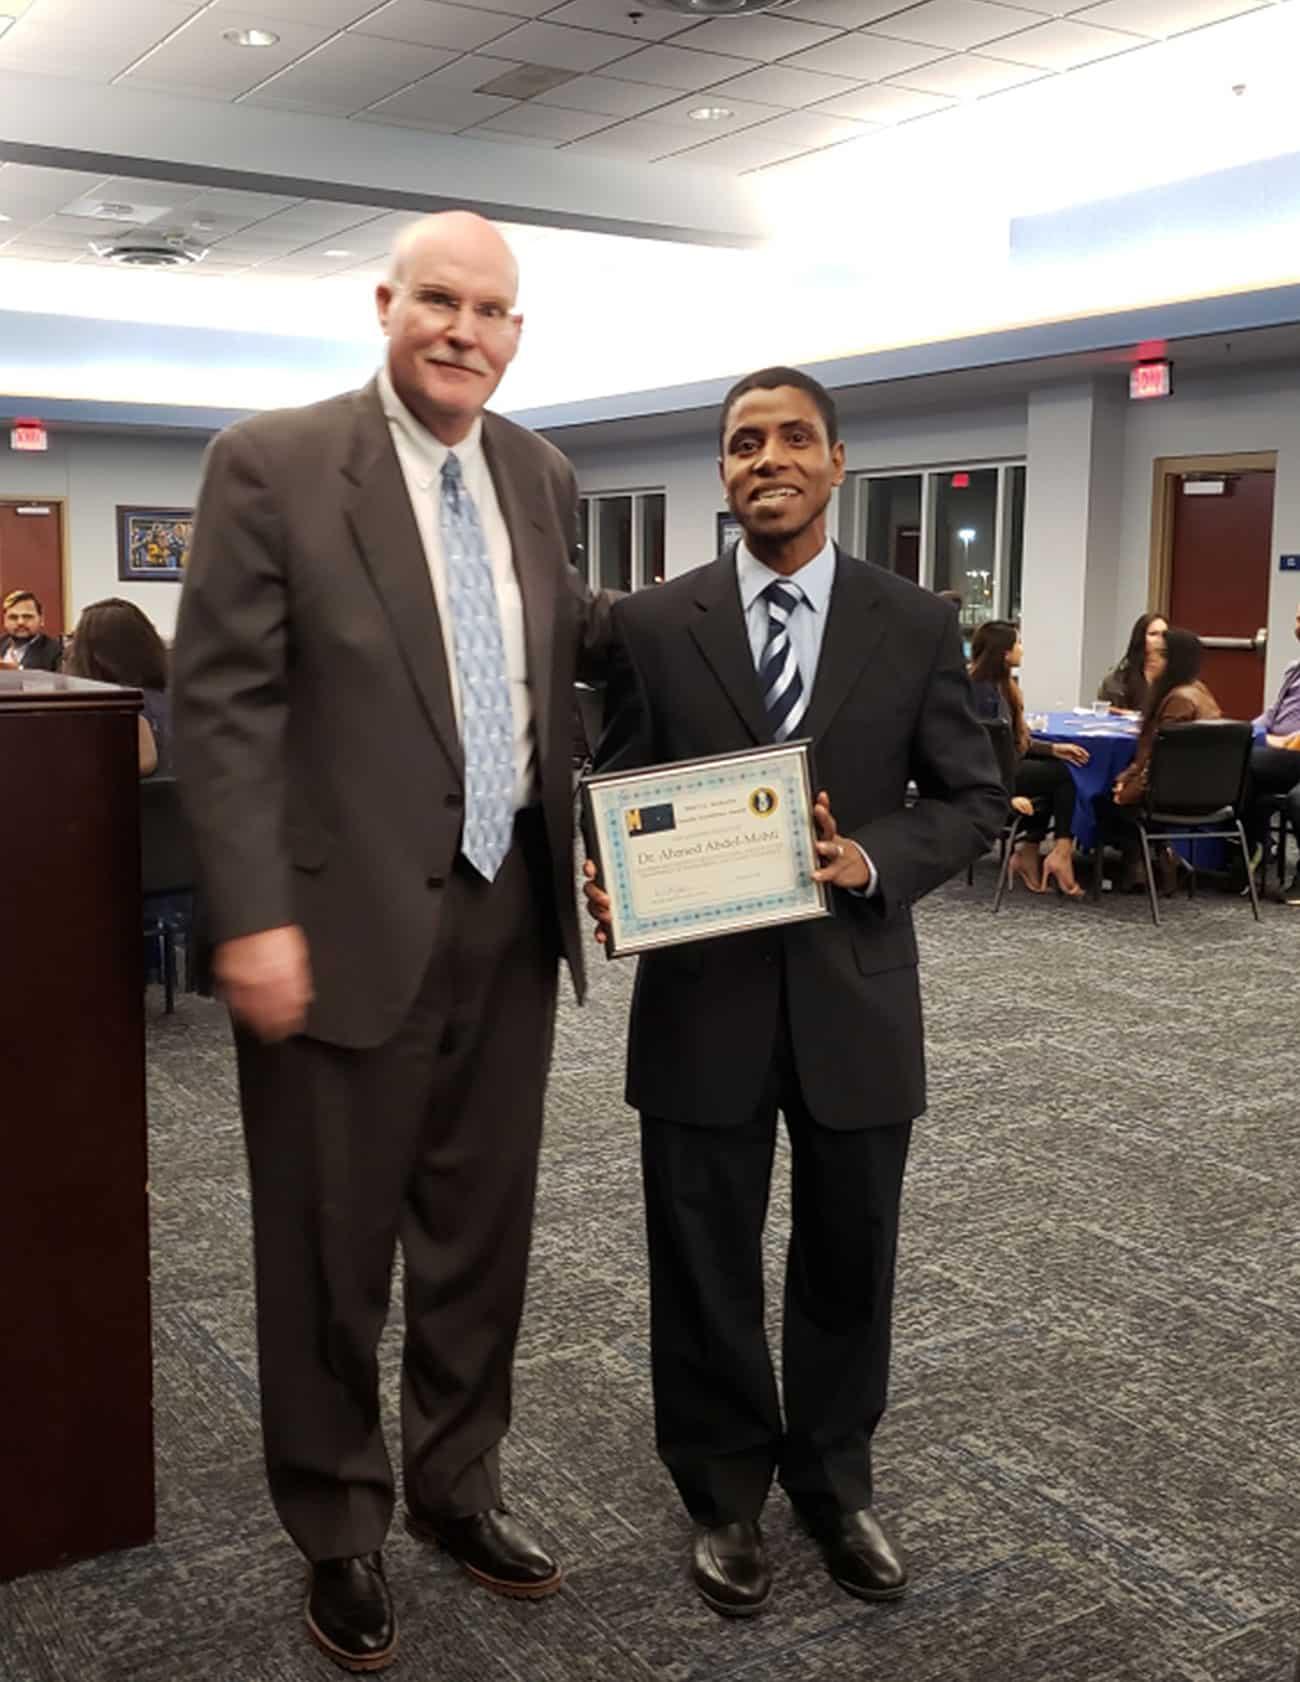 Dr. Hall presents faculty award